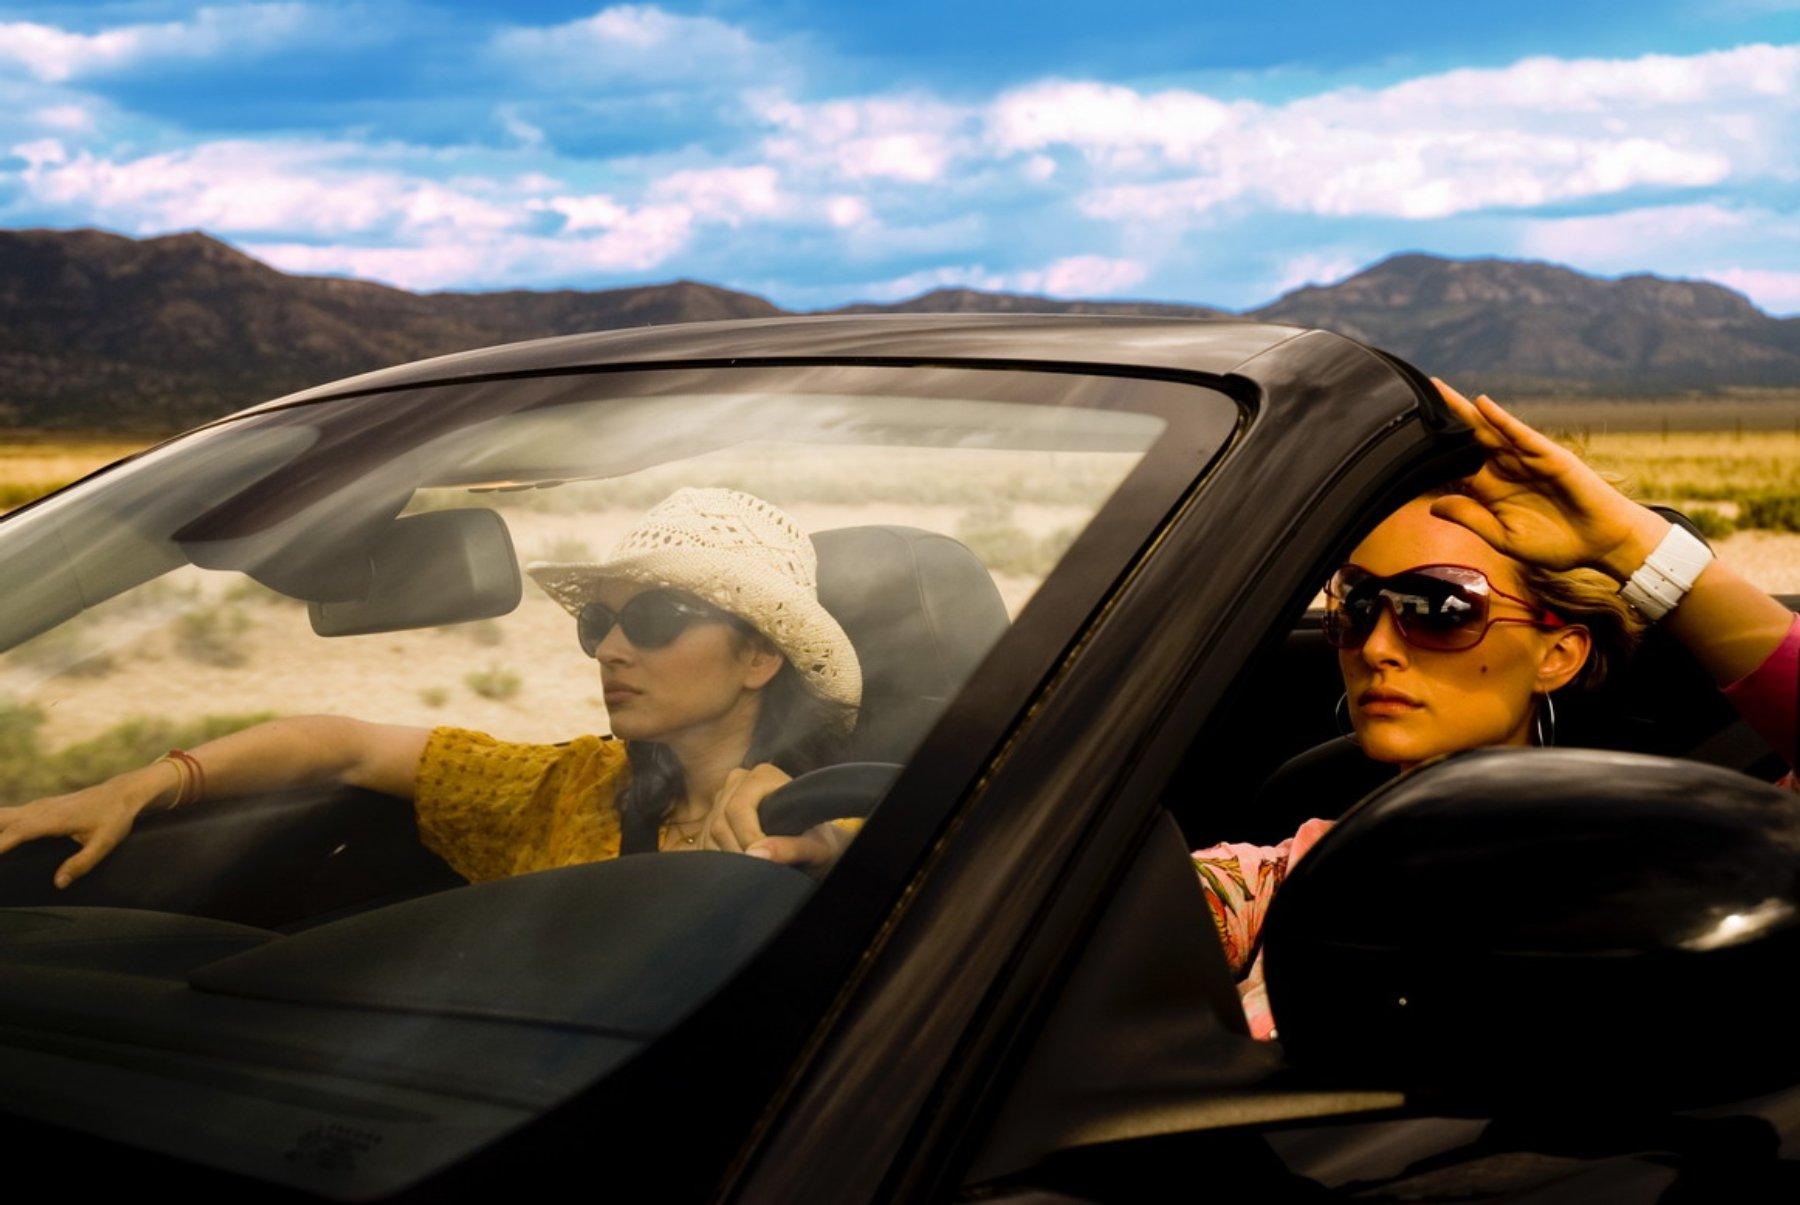 кадры из фильма Мои черничные ночи Нора Джонс, Натали Портман,